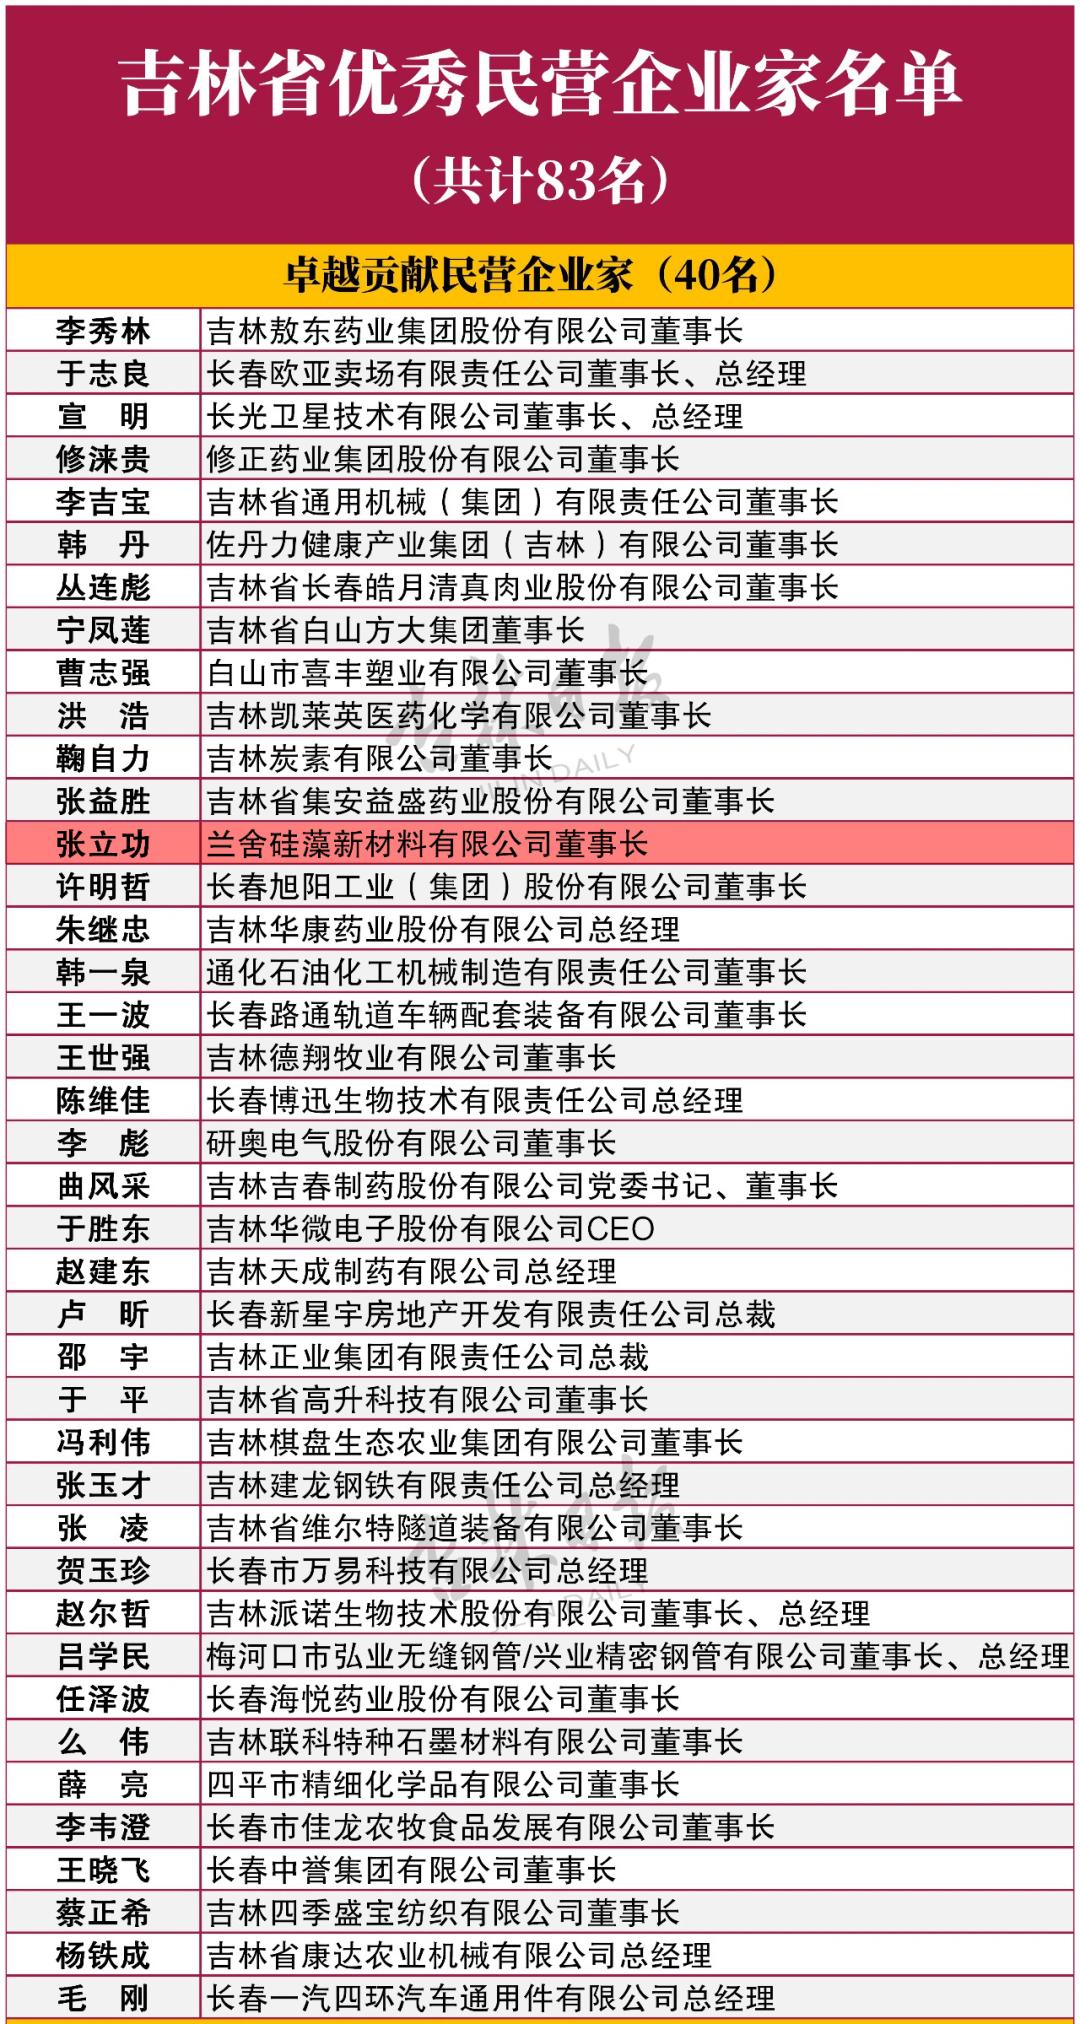 """兰舍硅藻泥董事长张立功荣获""""吉林省优秀民营企业家""""称号"""